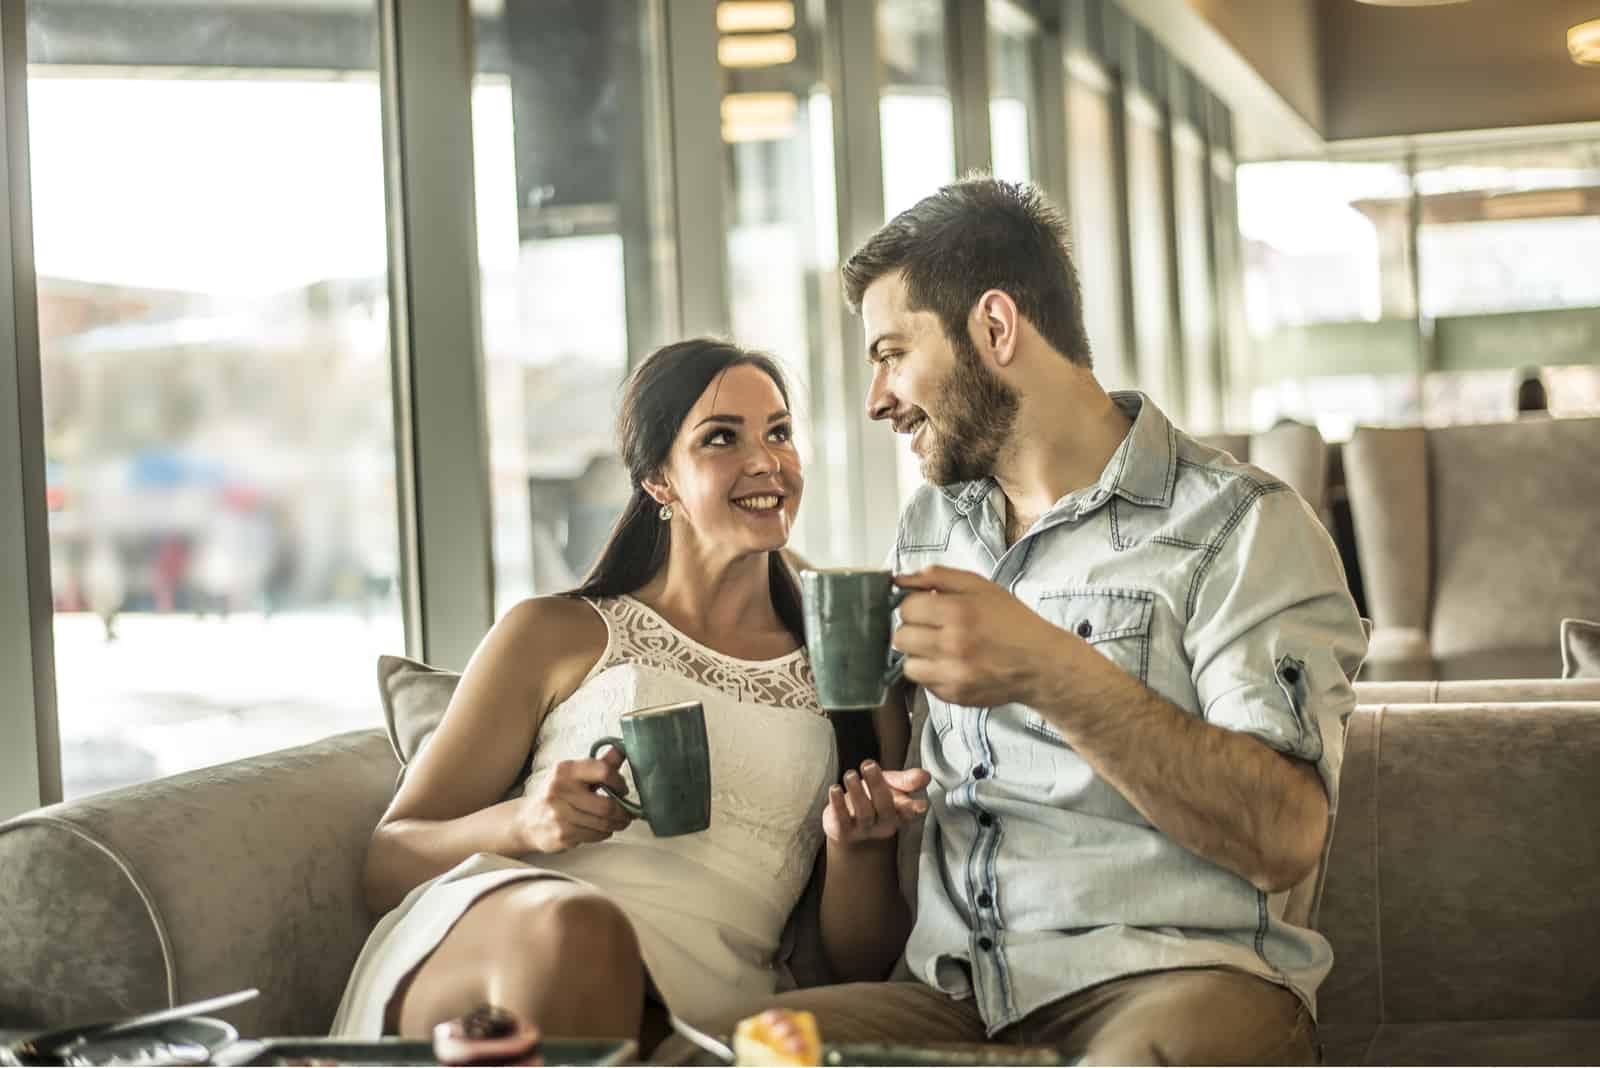 un homme et une femme buvant du café et se regardant